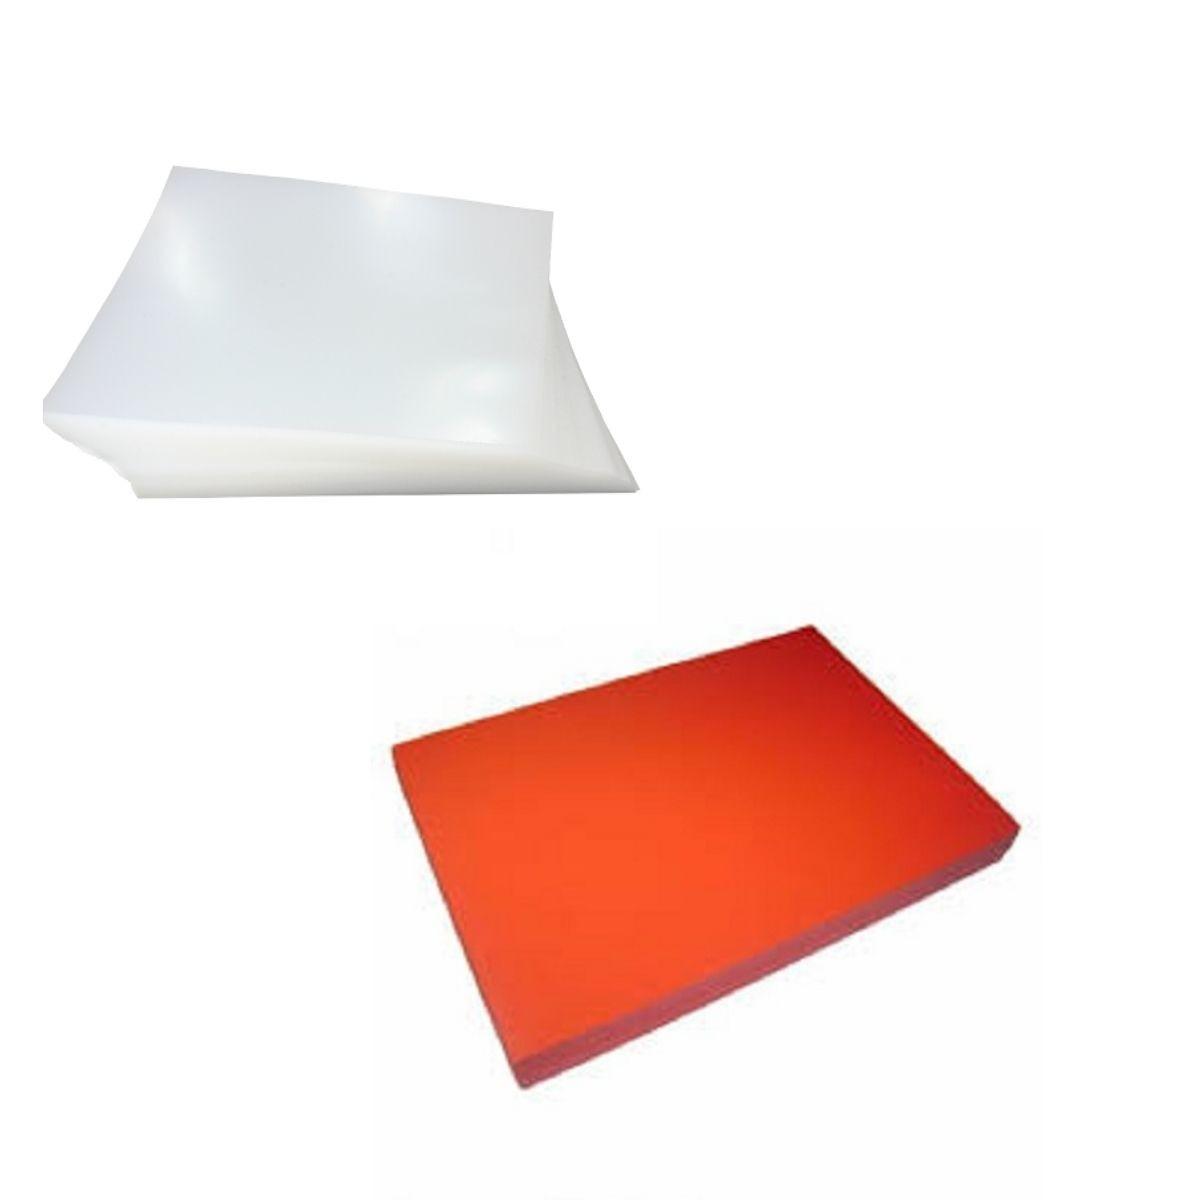 Kit 200 Capas para Encadernação A4 - Cristal Line (Frente) e Laranja Couro (Fundo)  - Click Suprimentos